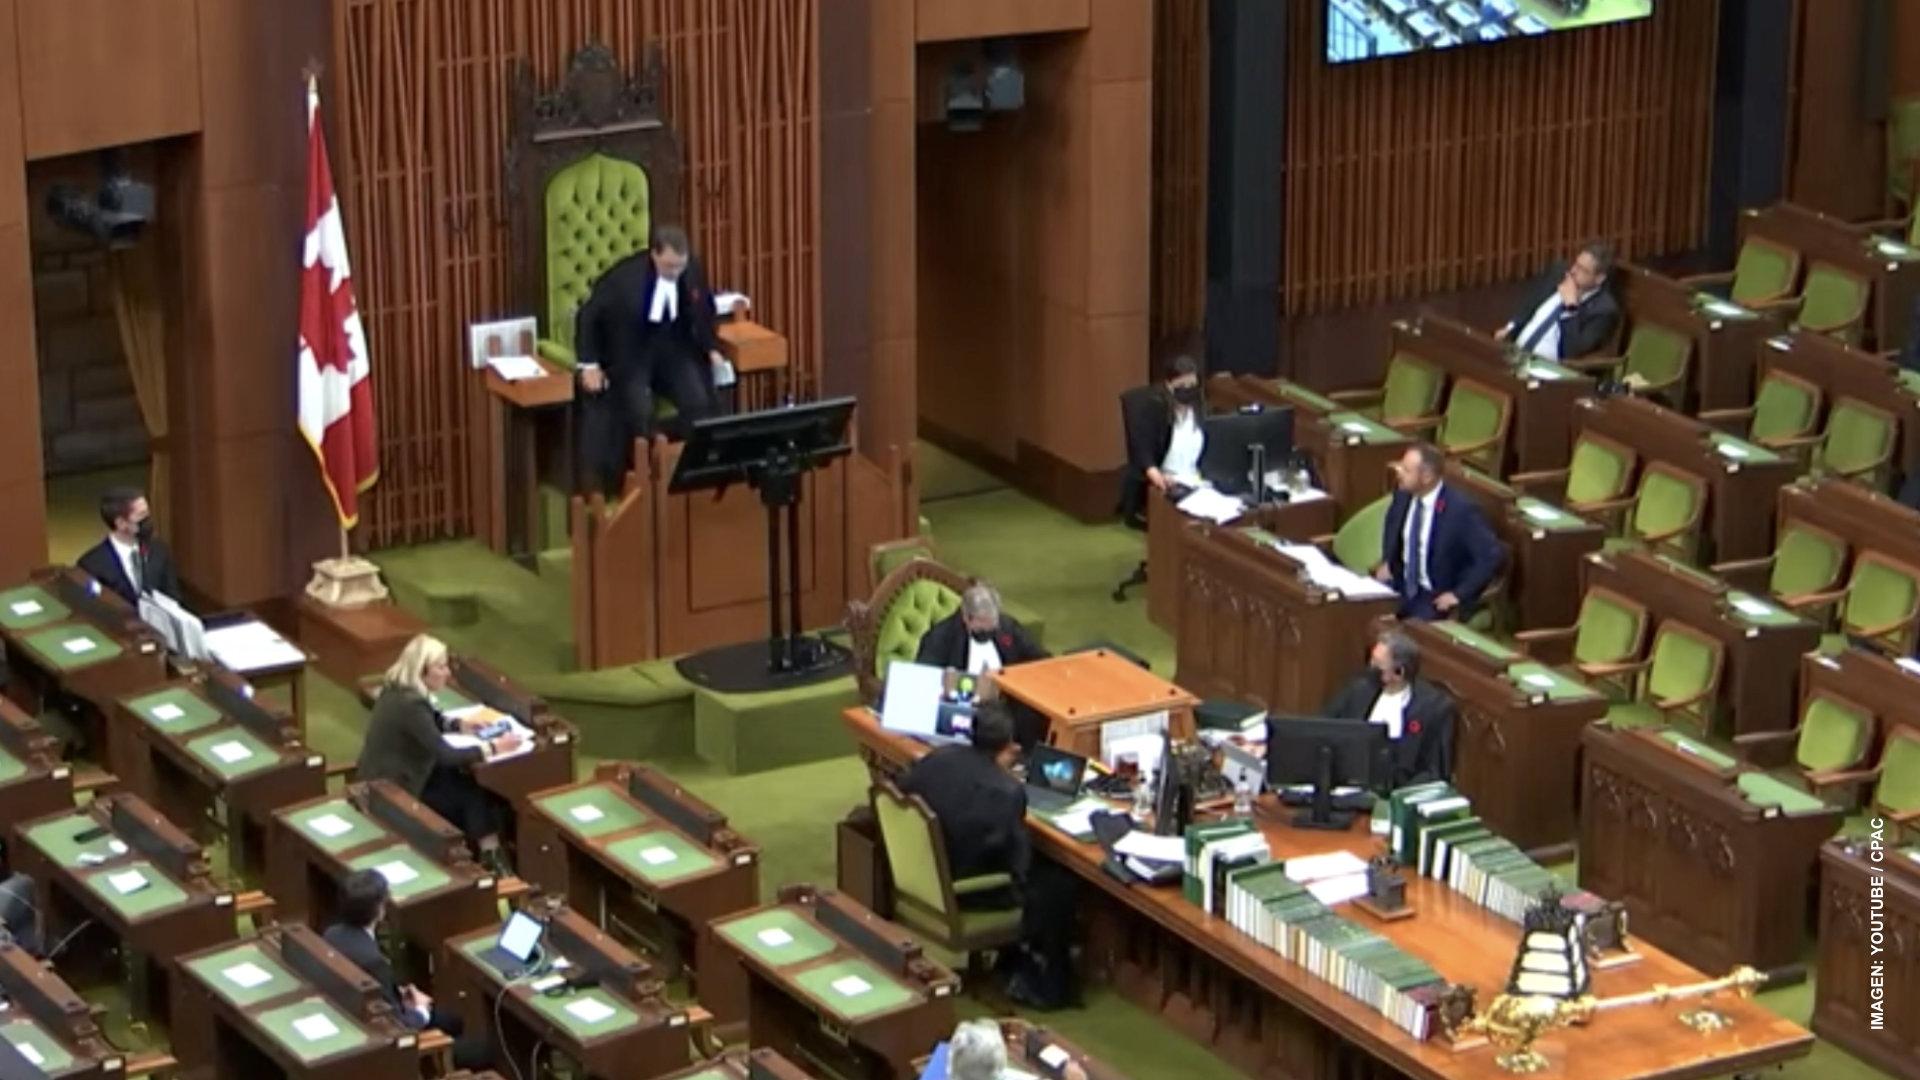 Oposición pide investigar nominación de jueces en Canadá